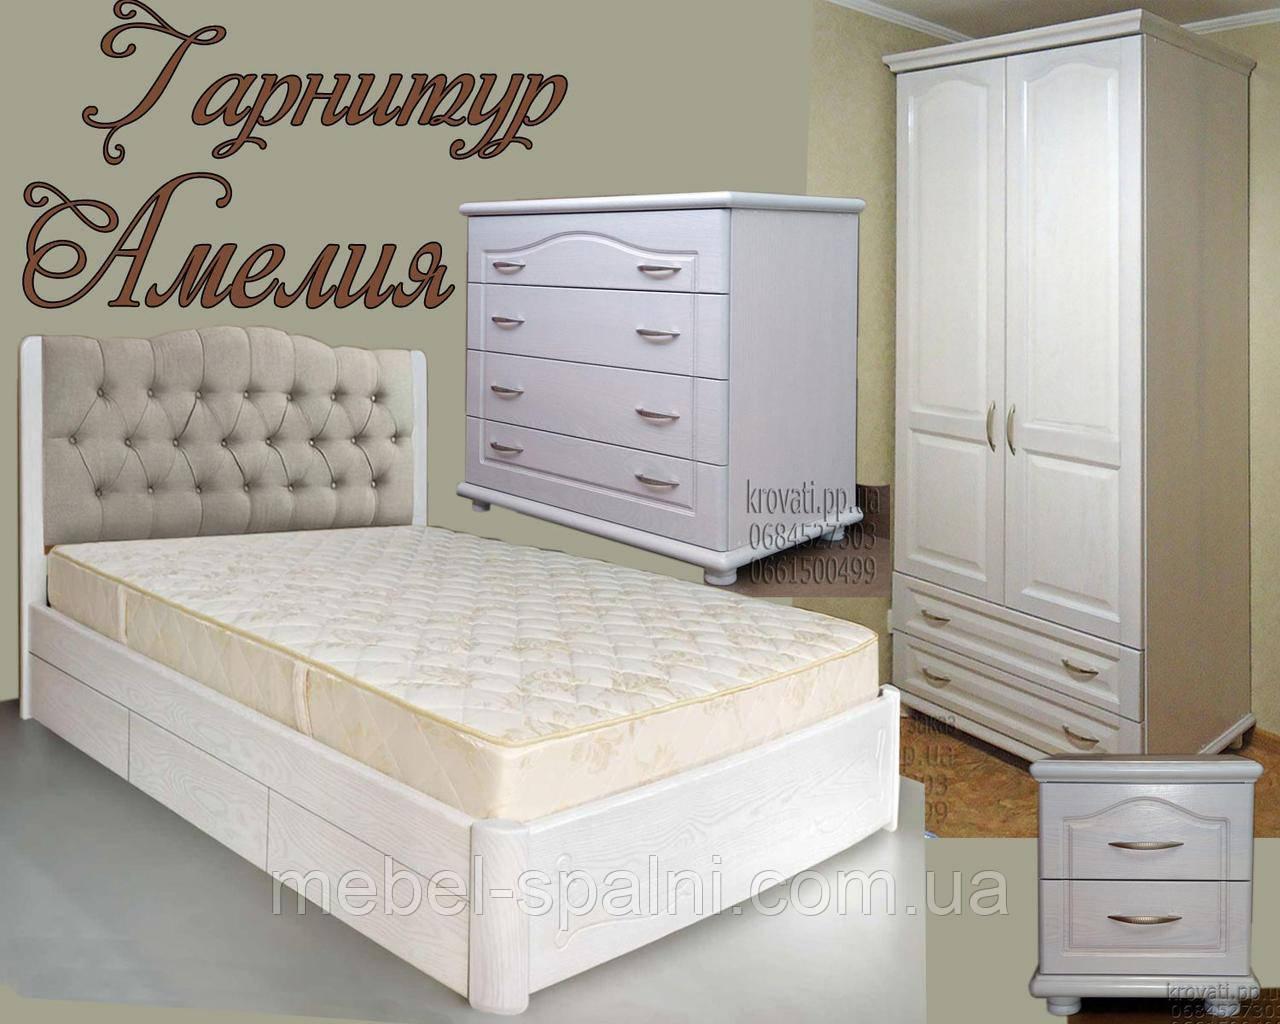 """Меблі для спальні """"Амелія"""" спальний гарнітур. Красива, дерев'яна біла спальня"""